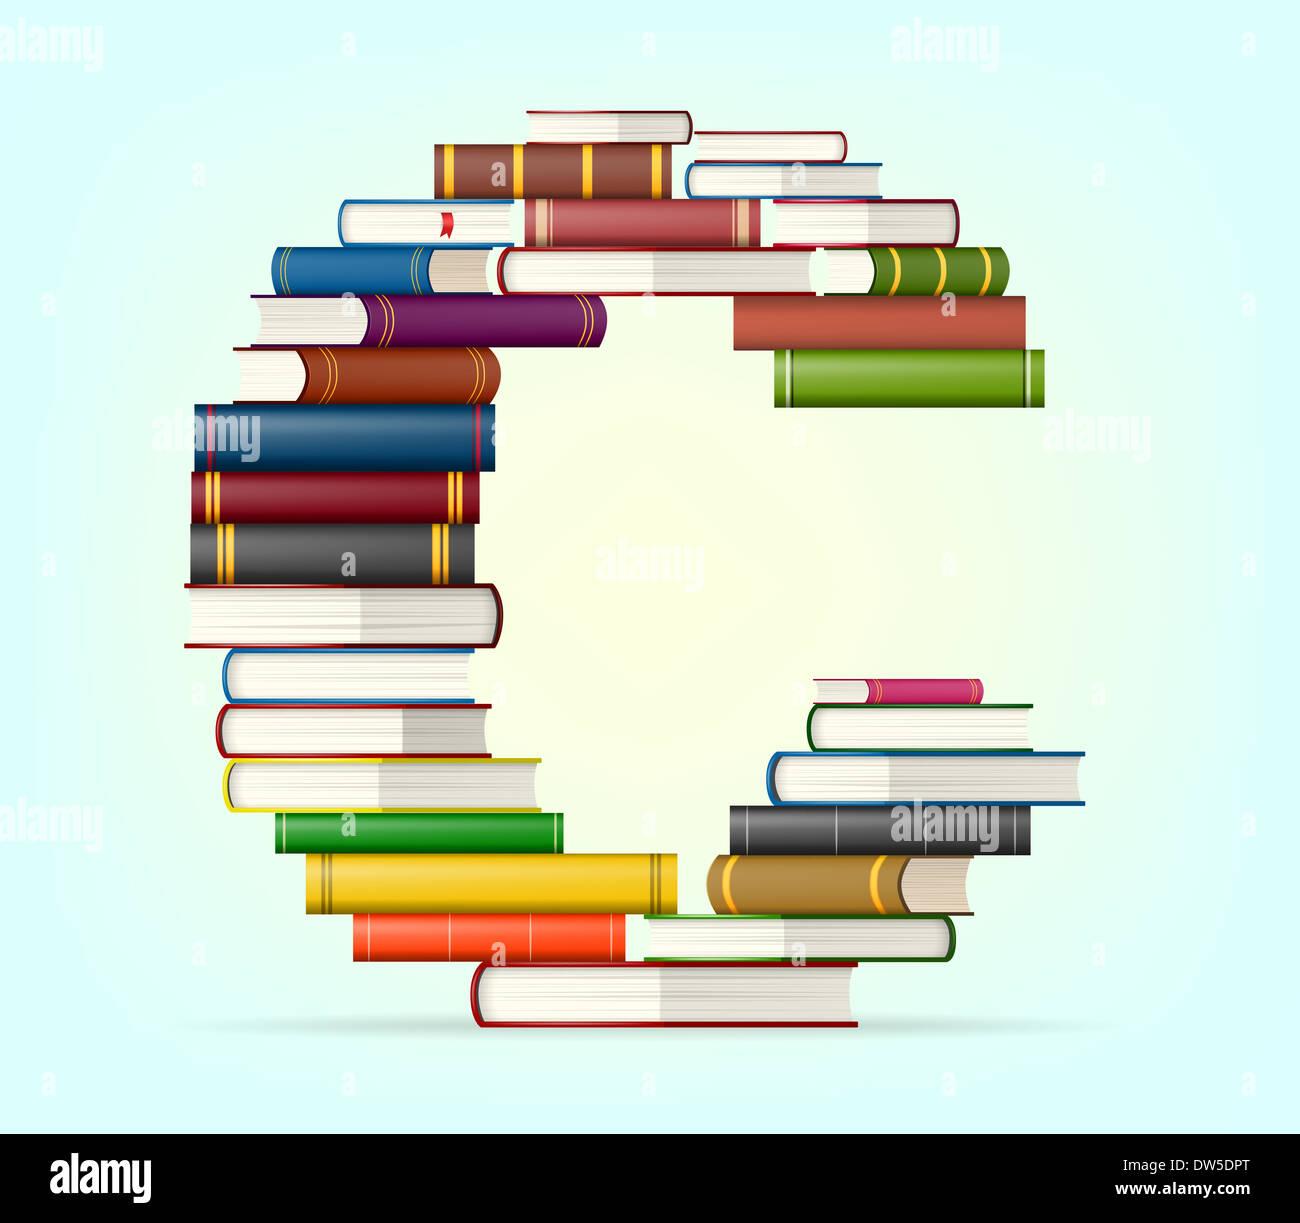 Ungewöhnlich Farbige Bücher Fotos - Malvorlagen-Ideen ...